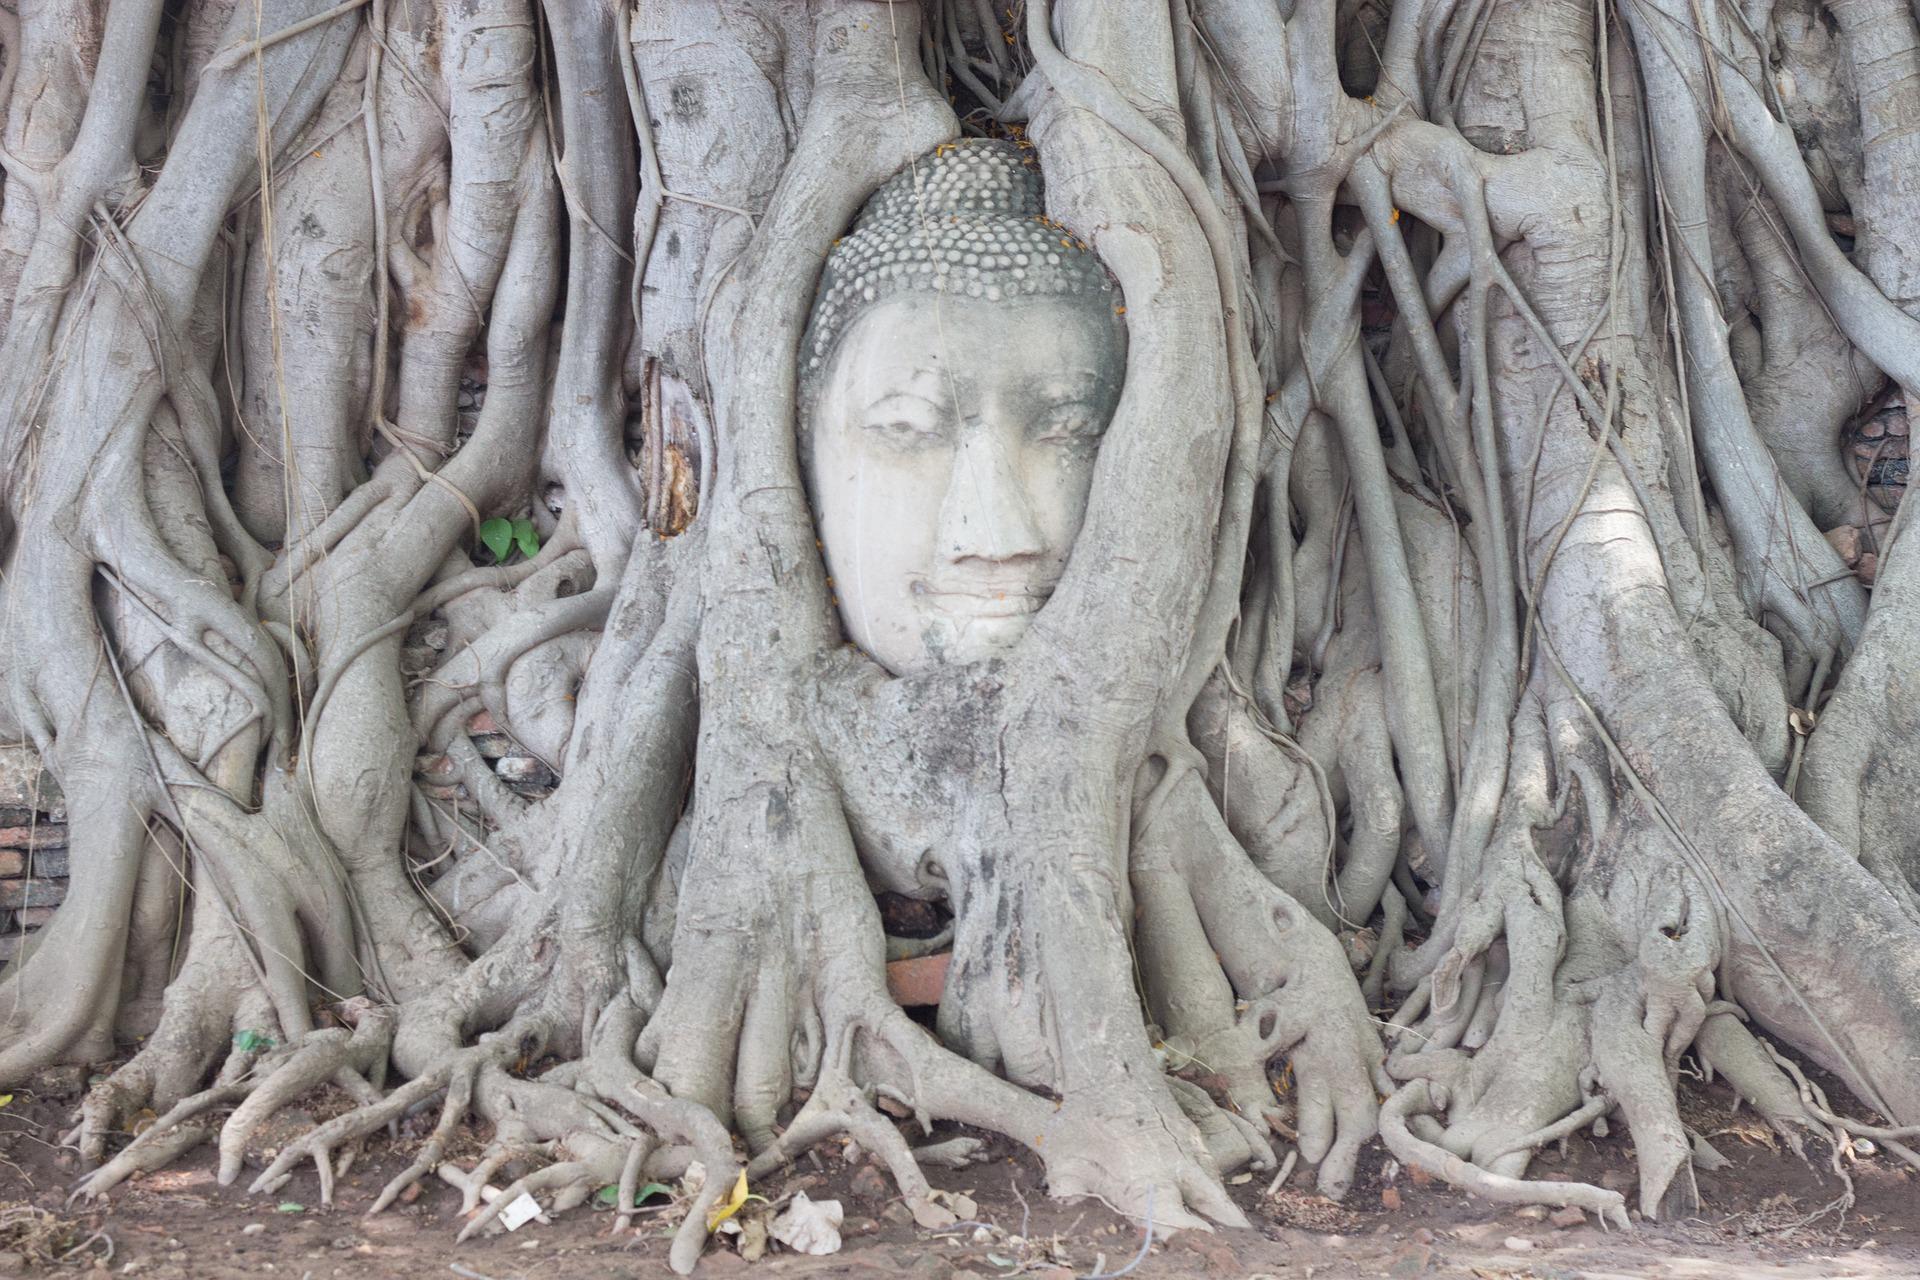 ayutthaya-2324459_1920.jpg